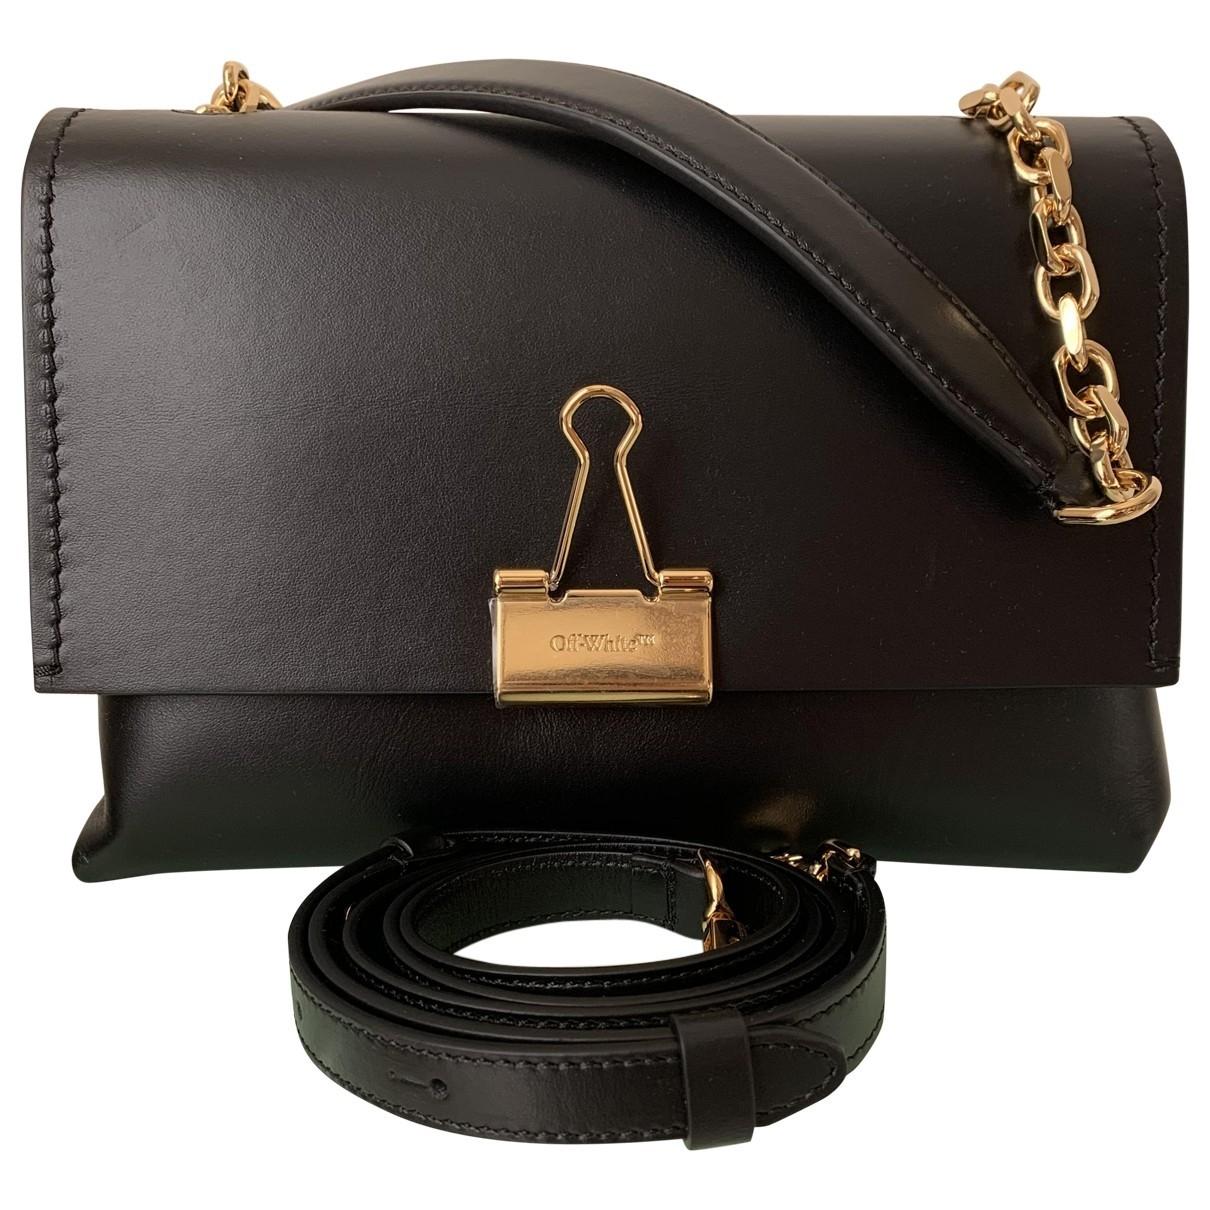 Off-white \N Black Leather handbag for Women \N